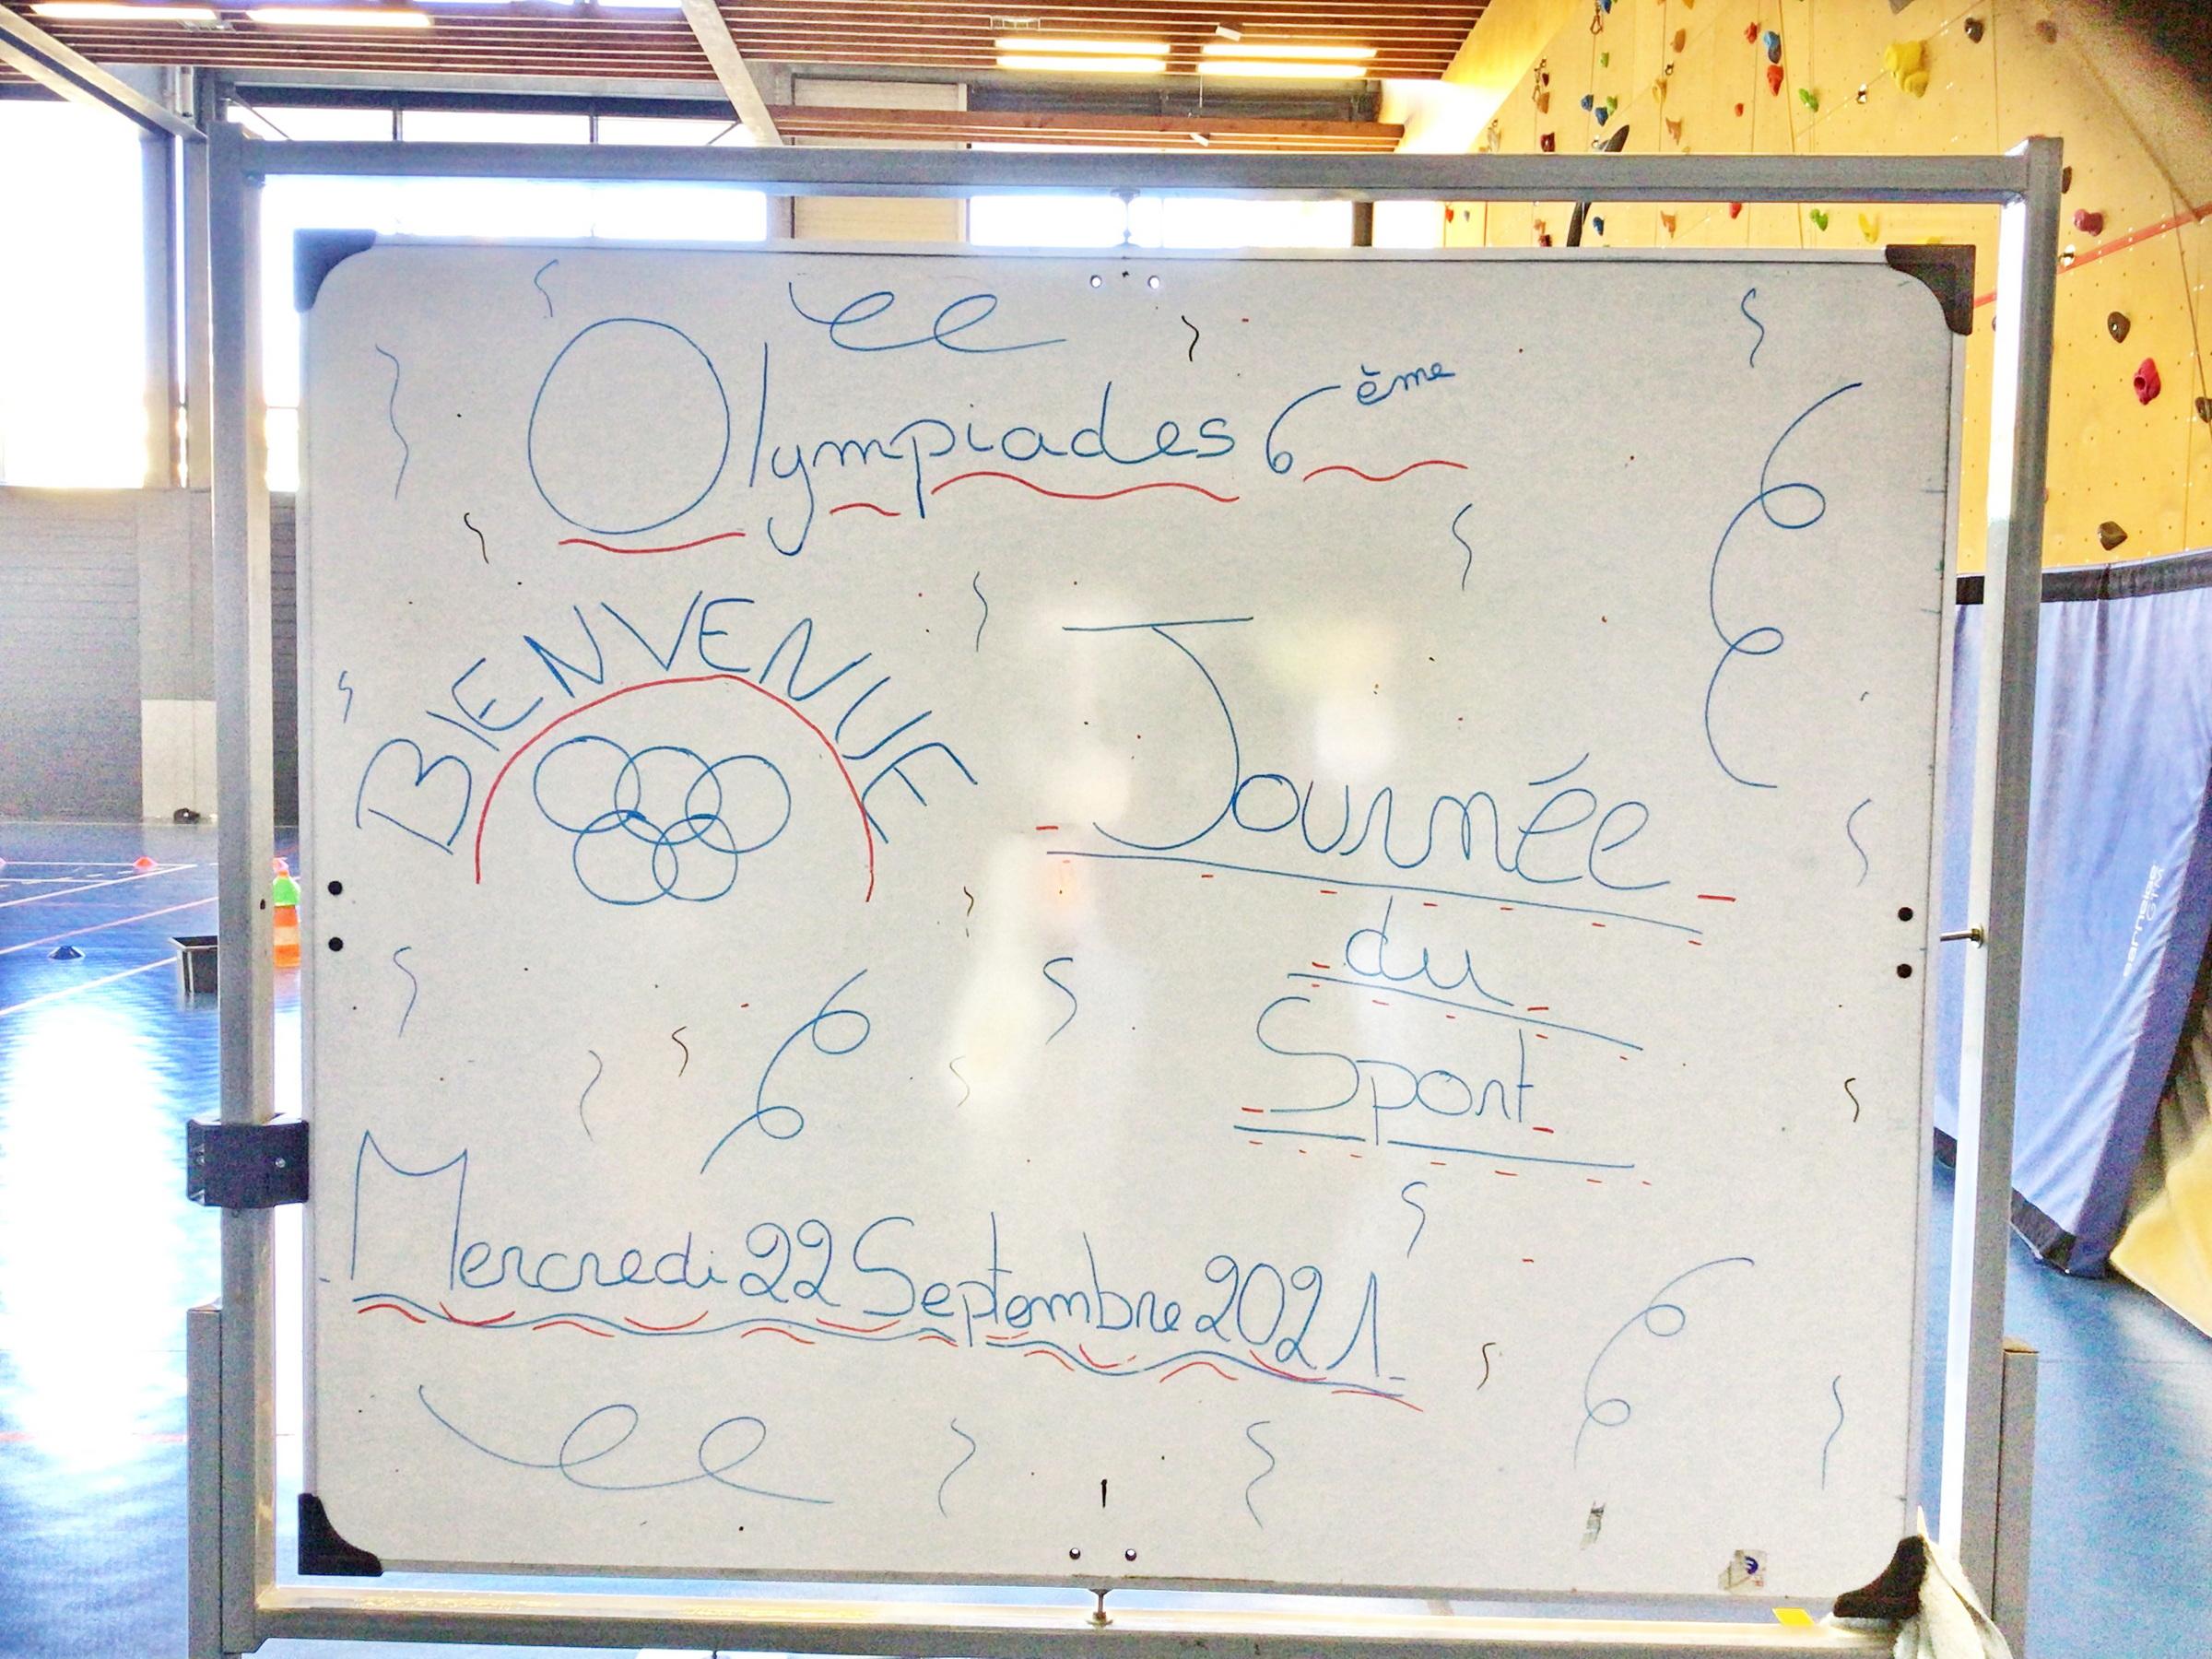 Olympiades-2021-01